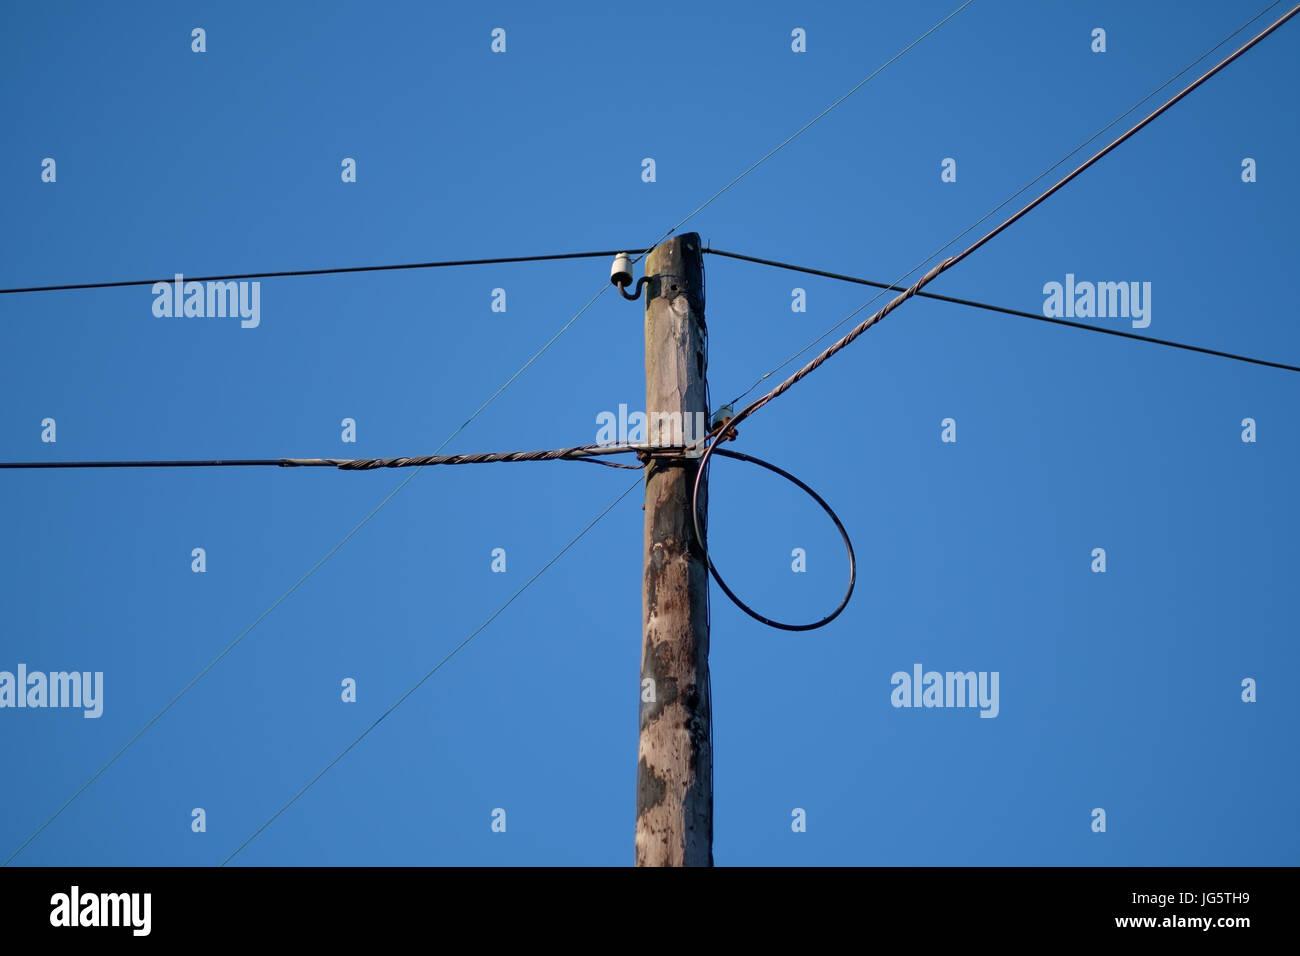 Poste eléctrico de baja tensión en el cielo azul Imagen De Stock